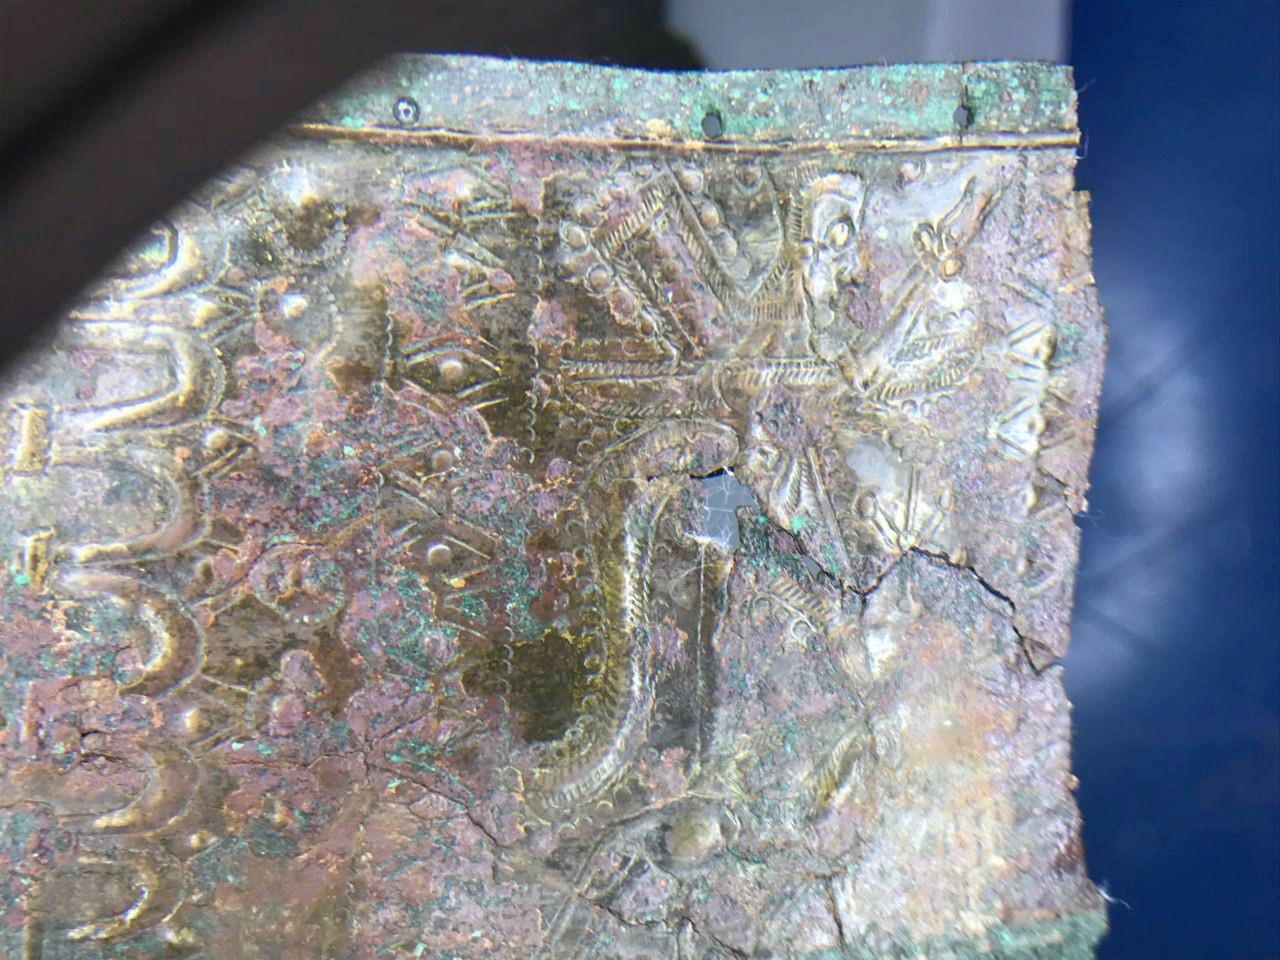 Gümüşhane'de Urartu savaşçısının bronz kemeri bulundu - Sayfa 4